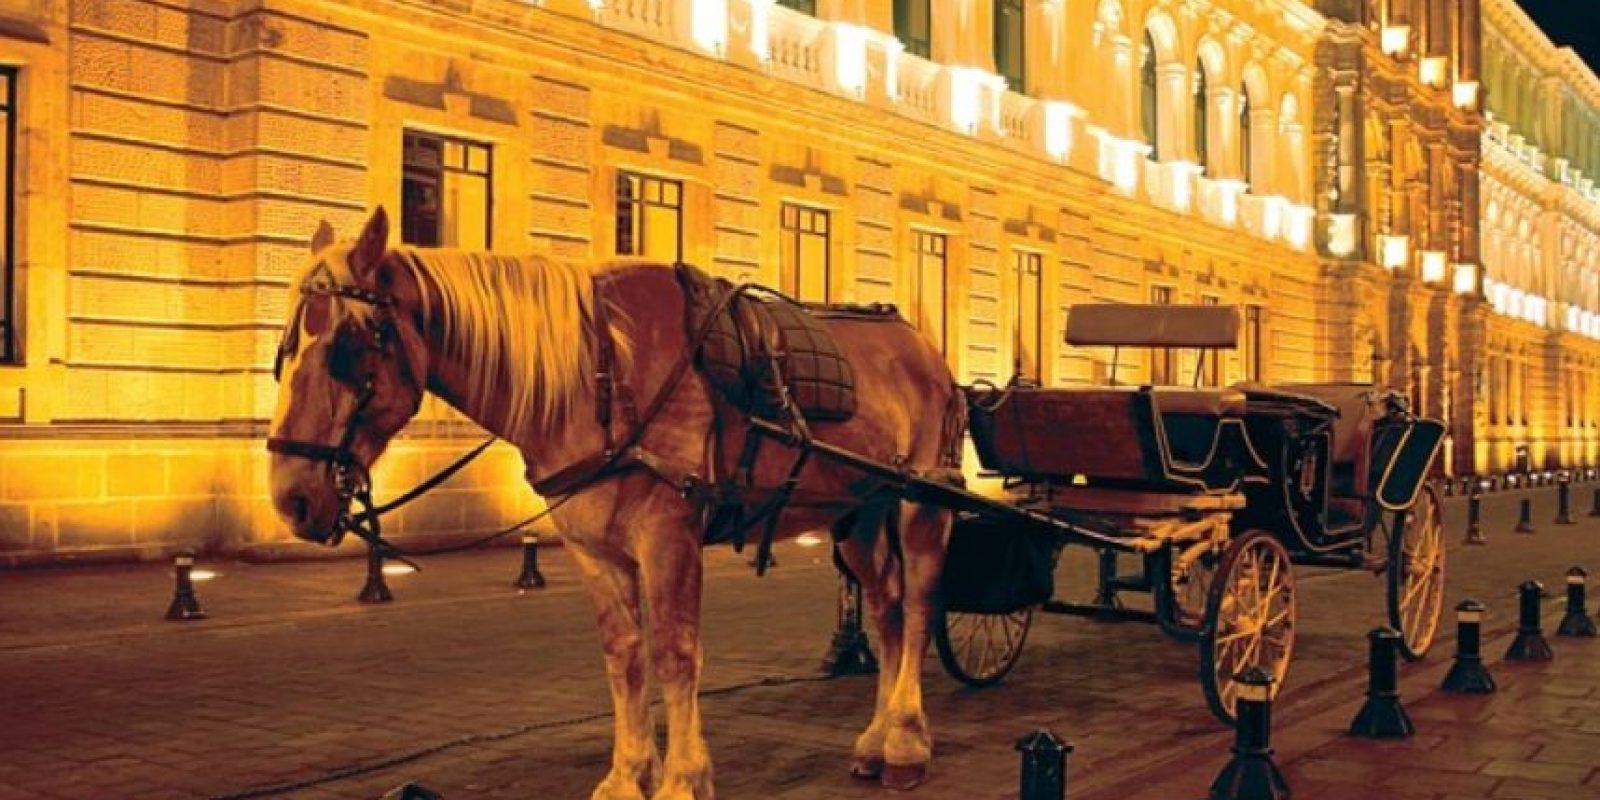 Para los que buscan una opción romántica y original existen paseos en carrozas jaladas por elegantes caballos que recorren el Centro Histórico partiendo desde el Pasaje Amador. Foto:Vía Pixabay